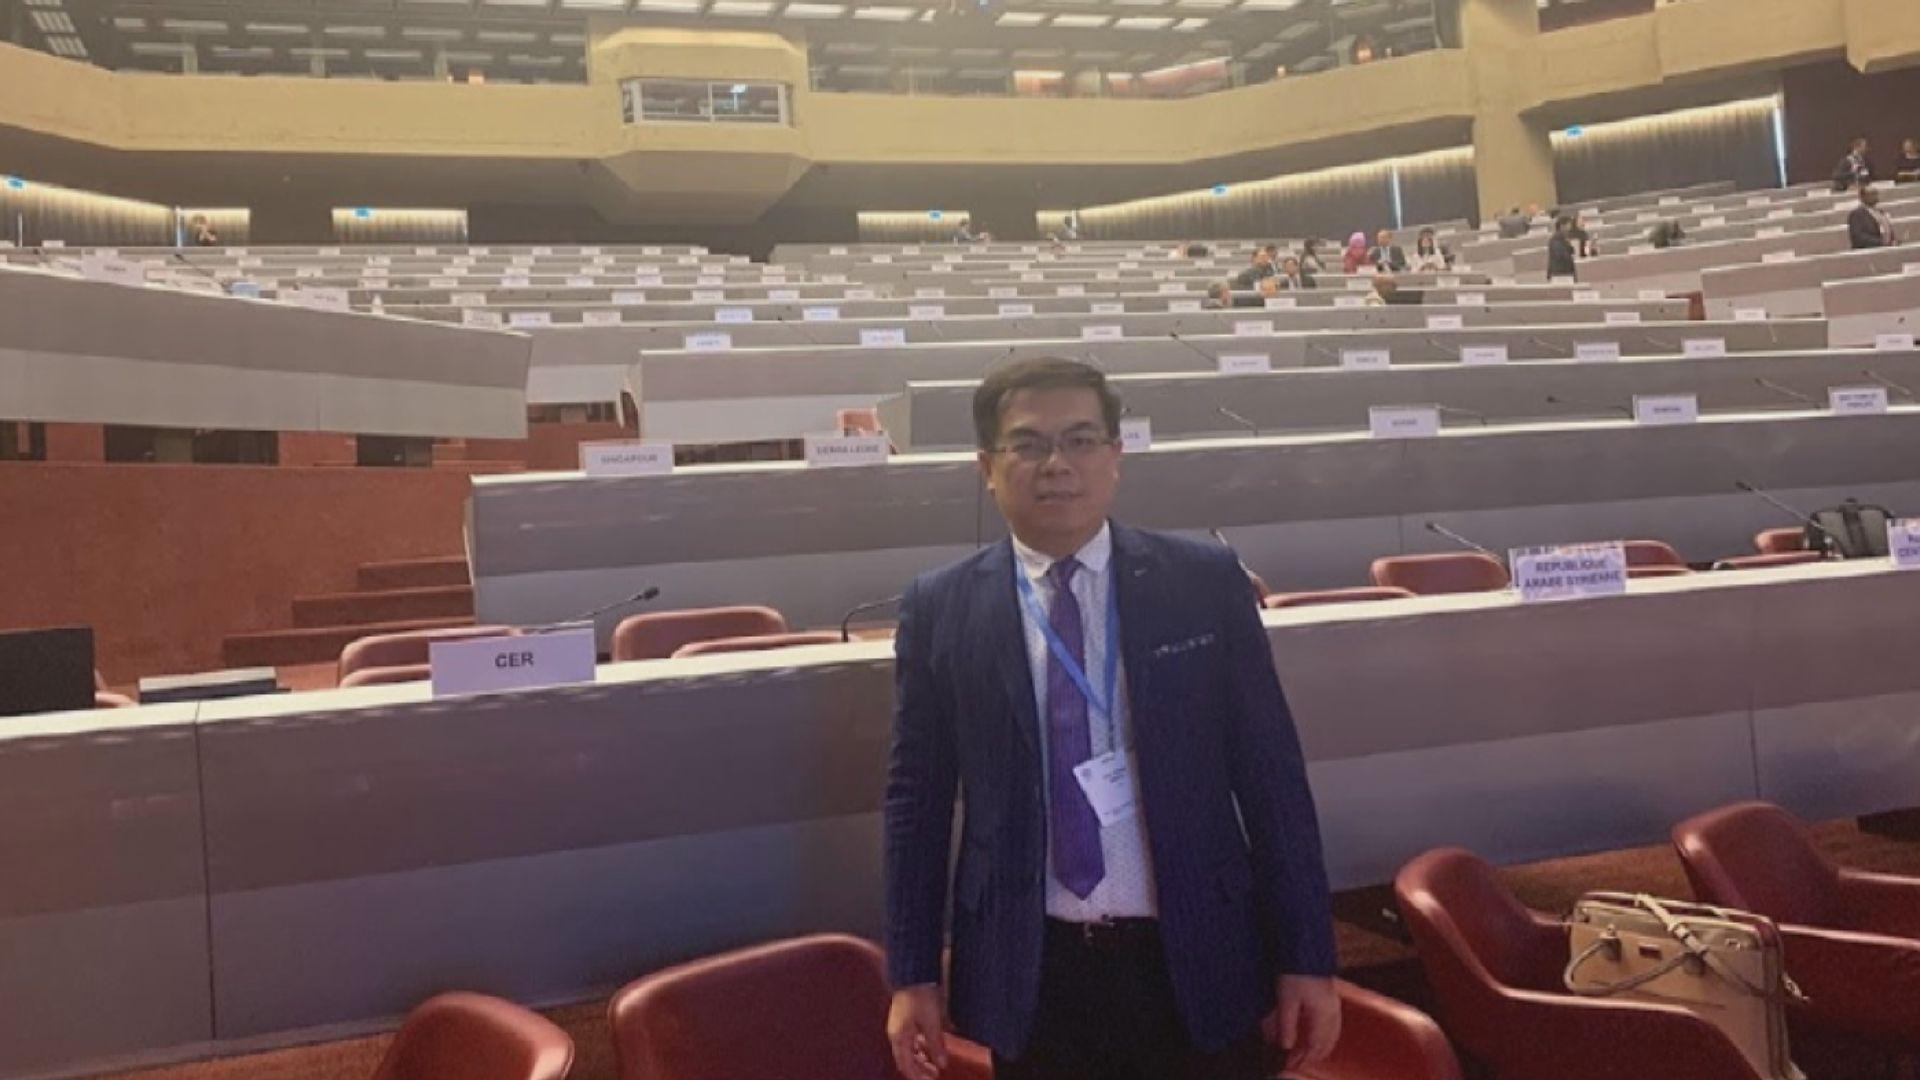 台灣氣象學家被取消聯合國會議資格